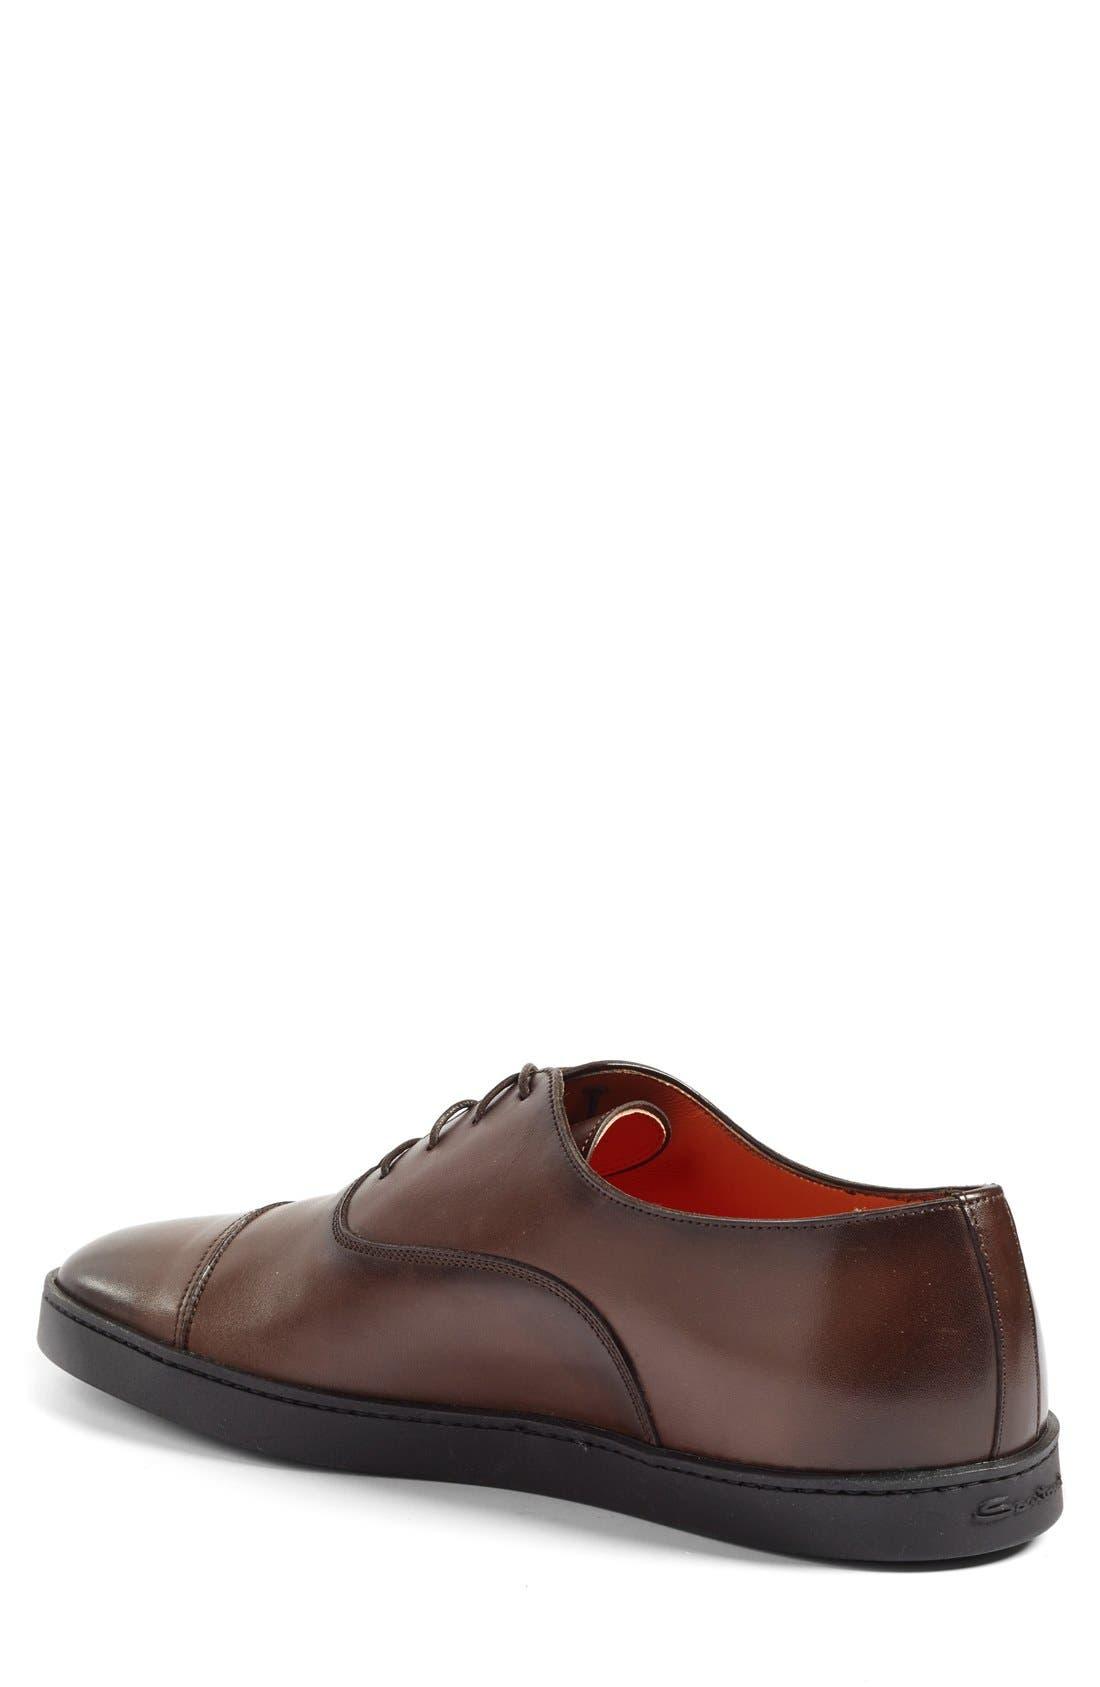 Alternate Image 2  - Santoni 'Durbin' Oxford Sneaker (Men)